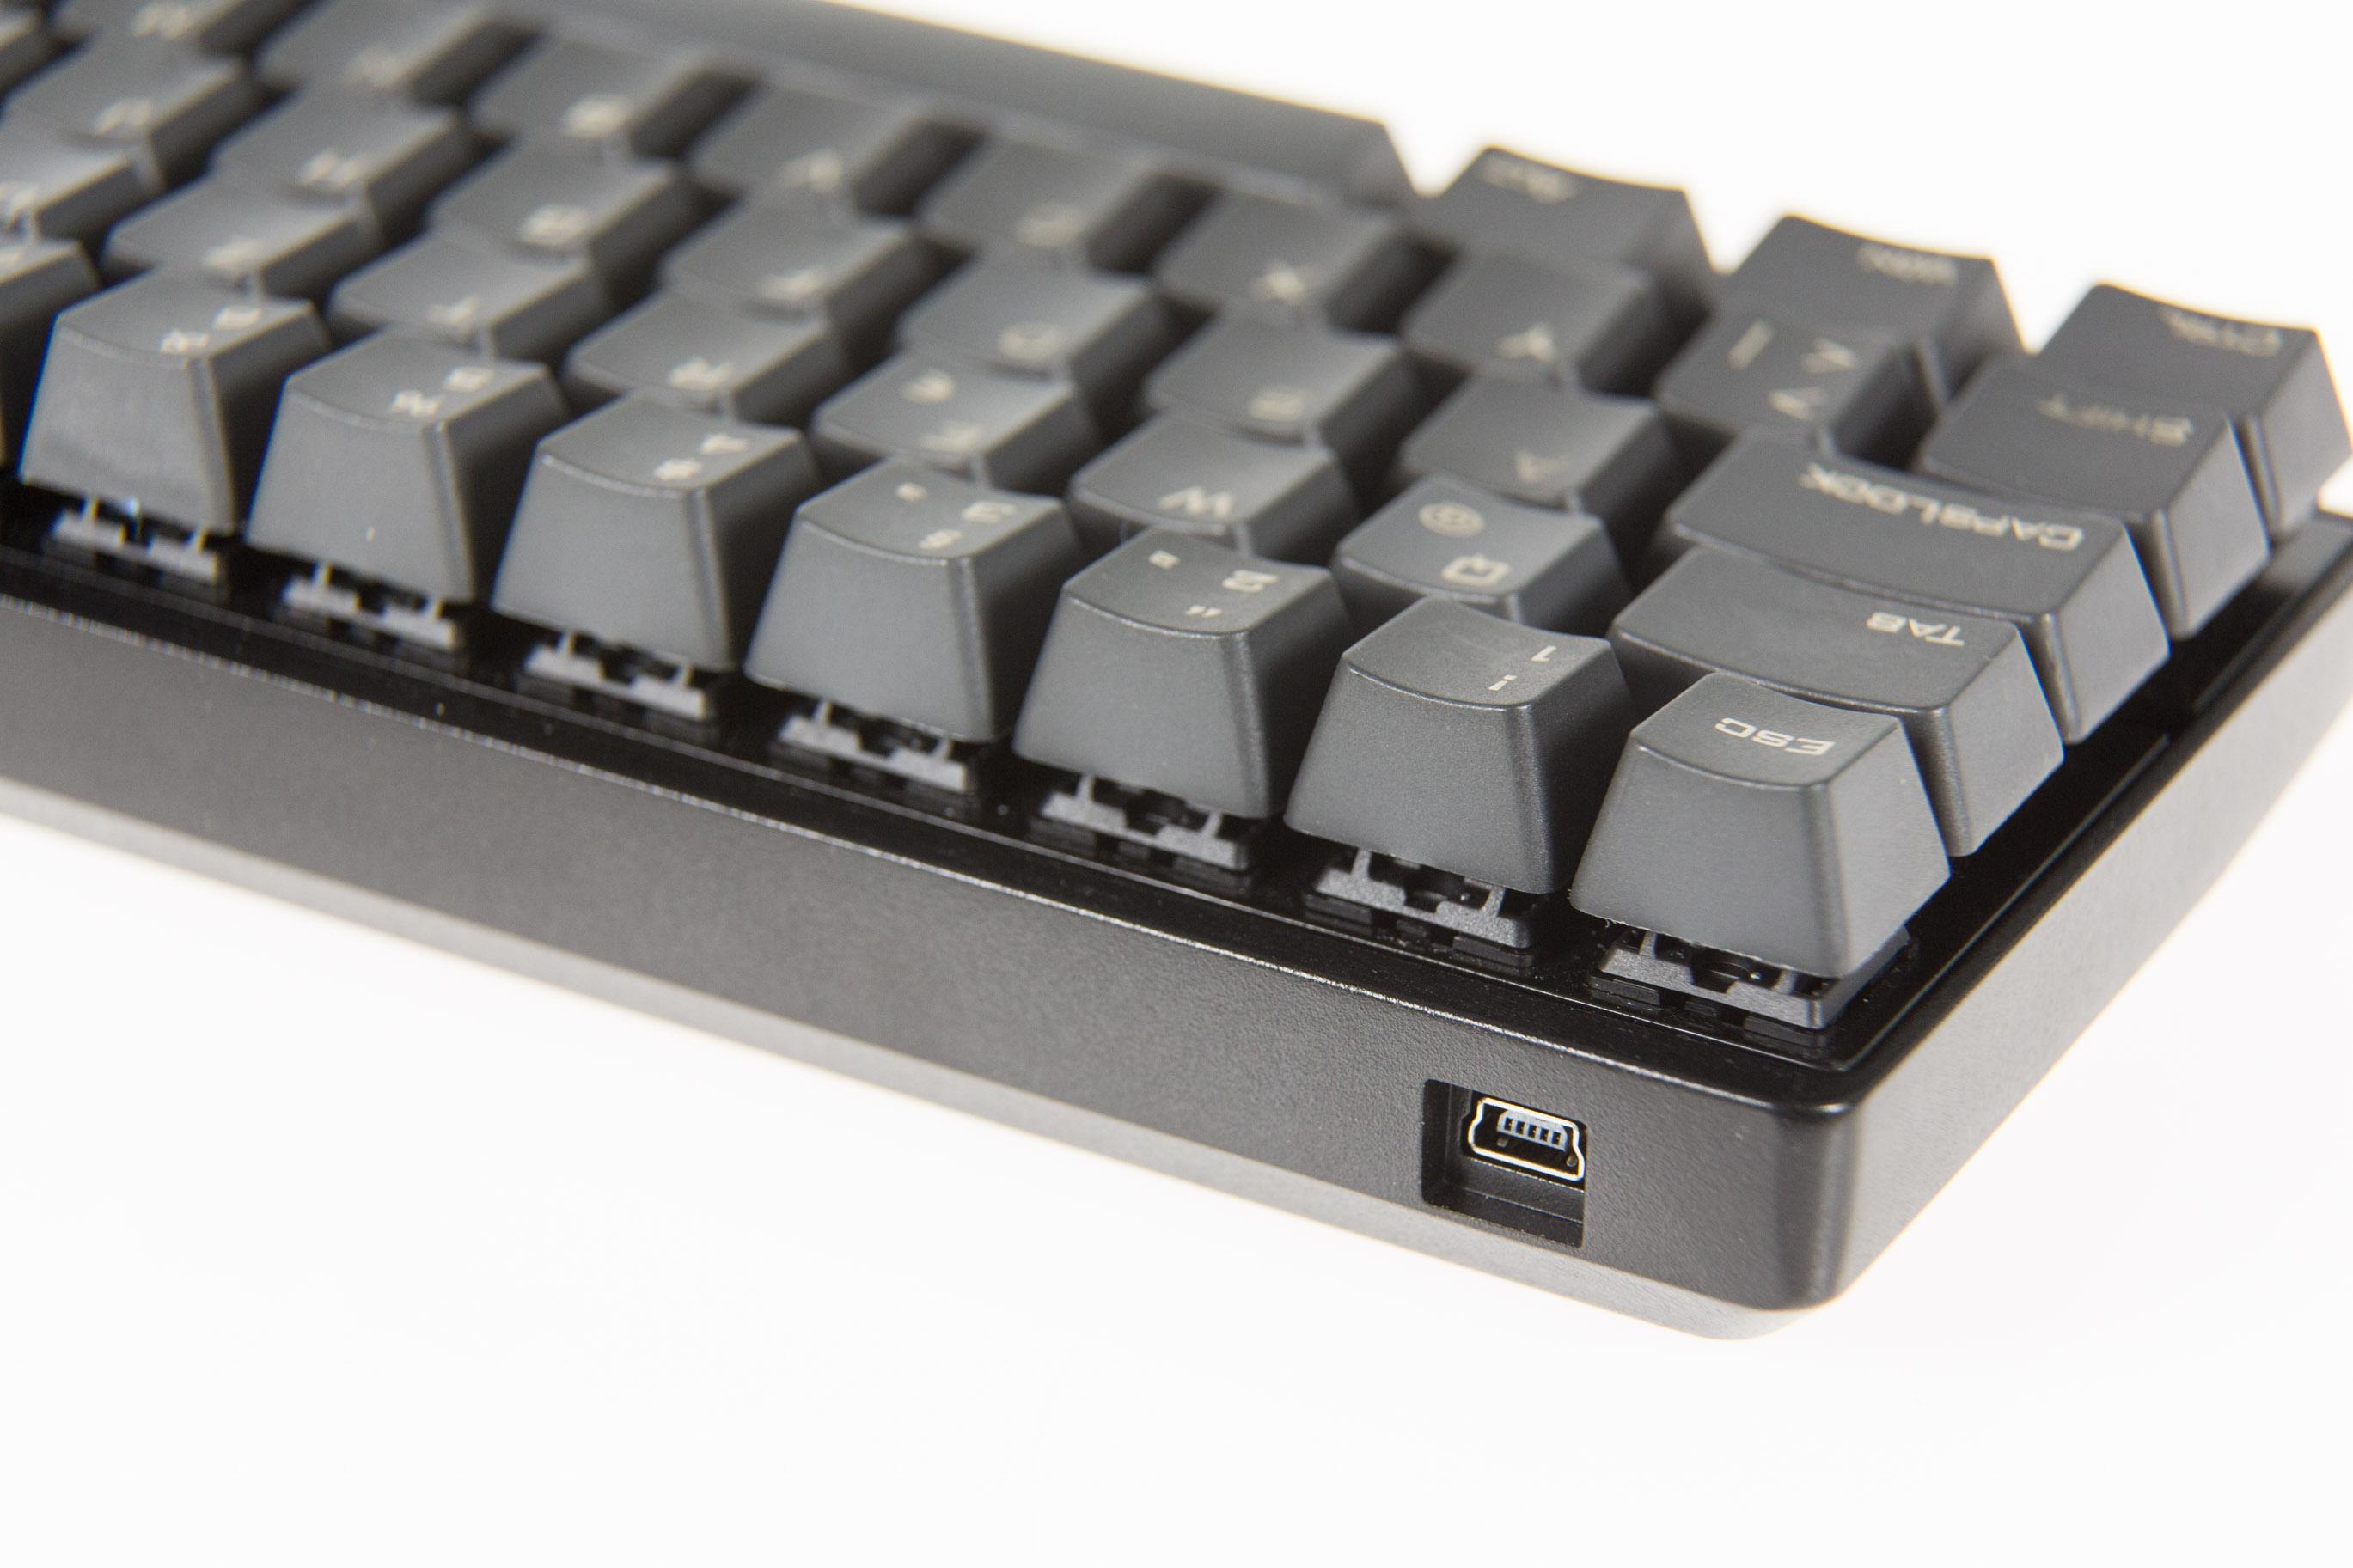 """Mechanische Tastatur Poker 3 im Test: """"Kauf dir endlich Dämpfungsringe!"""" - Die Poker 3 wird per Mini-USB-Kabel angeschlossen. (Bild: Martin Wolf/Golem.de)"""